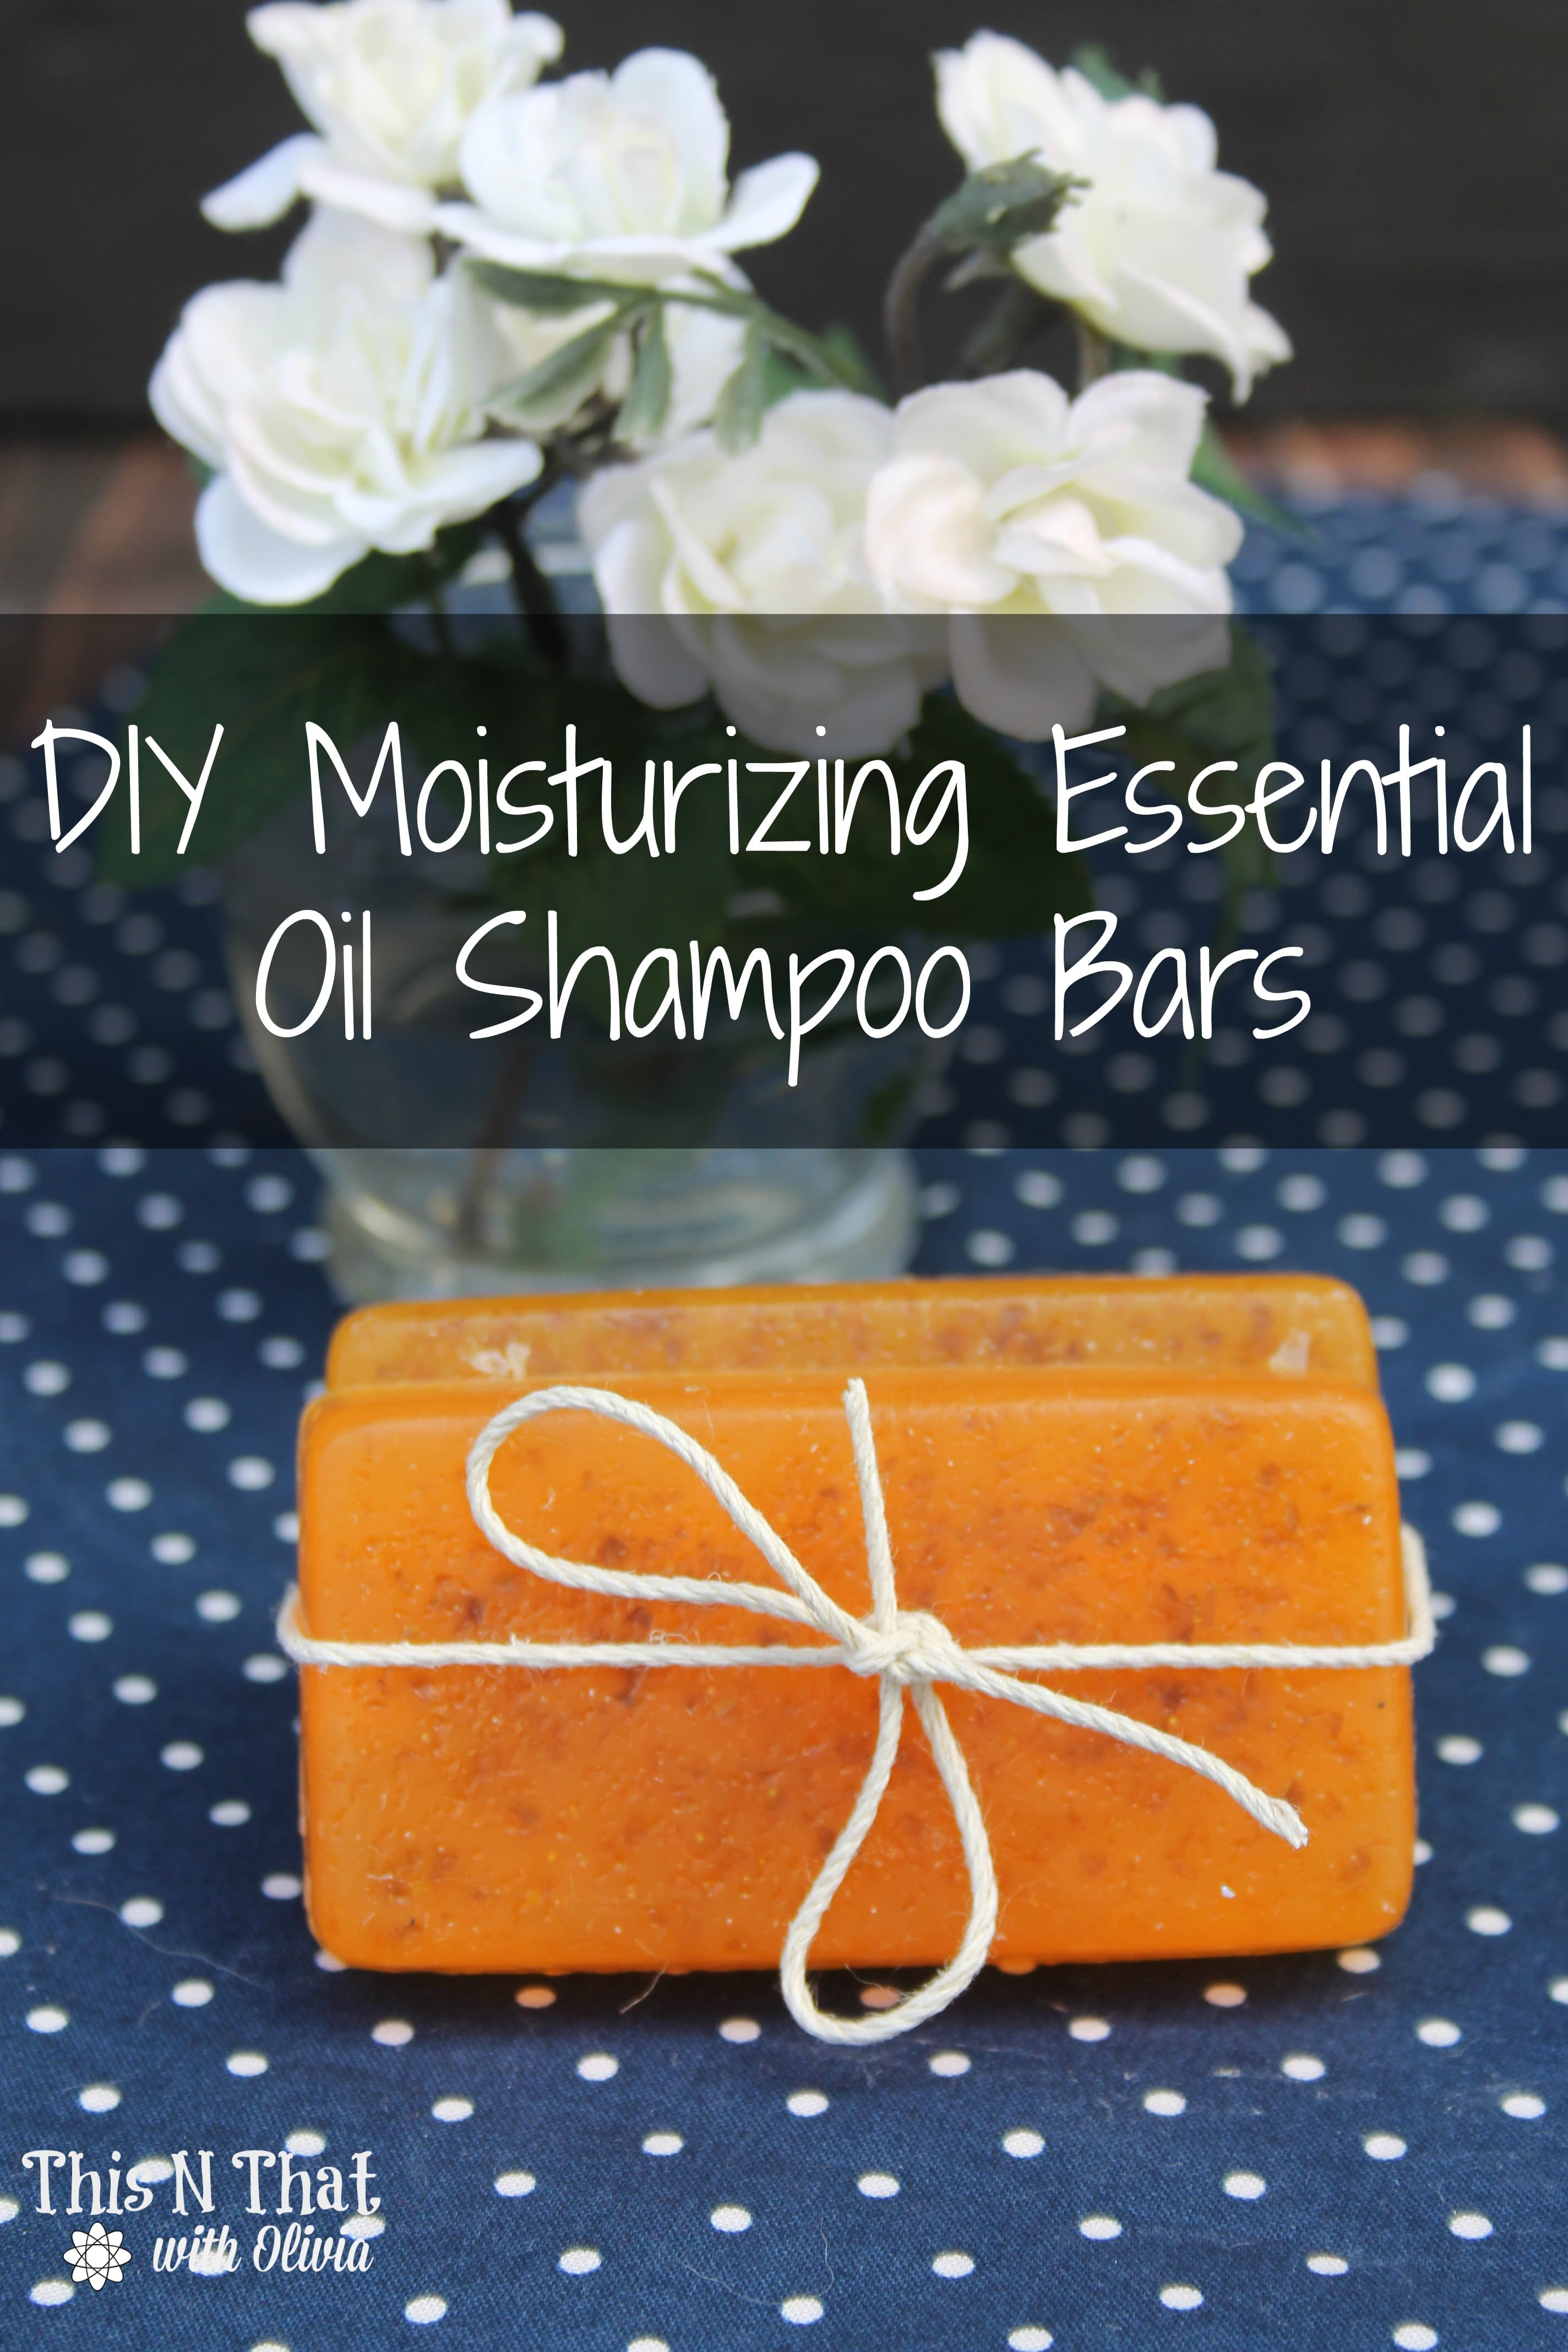 DIY Moisturizing Essential Oil Shampoo Bar